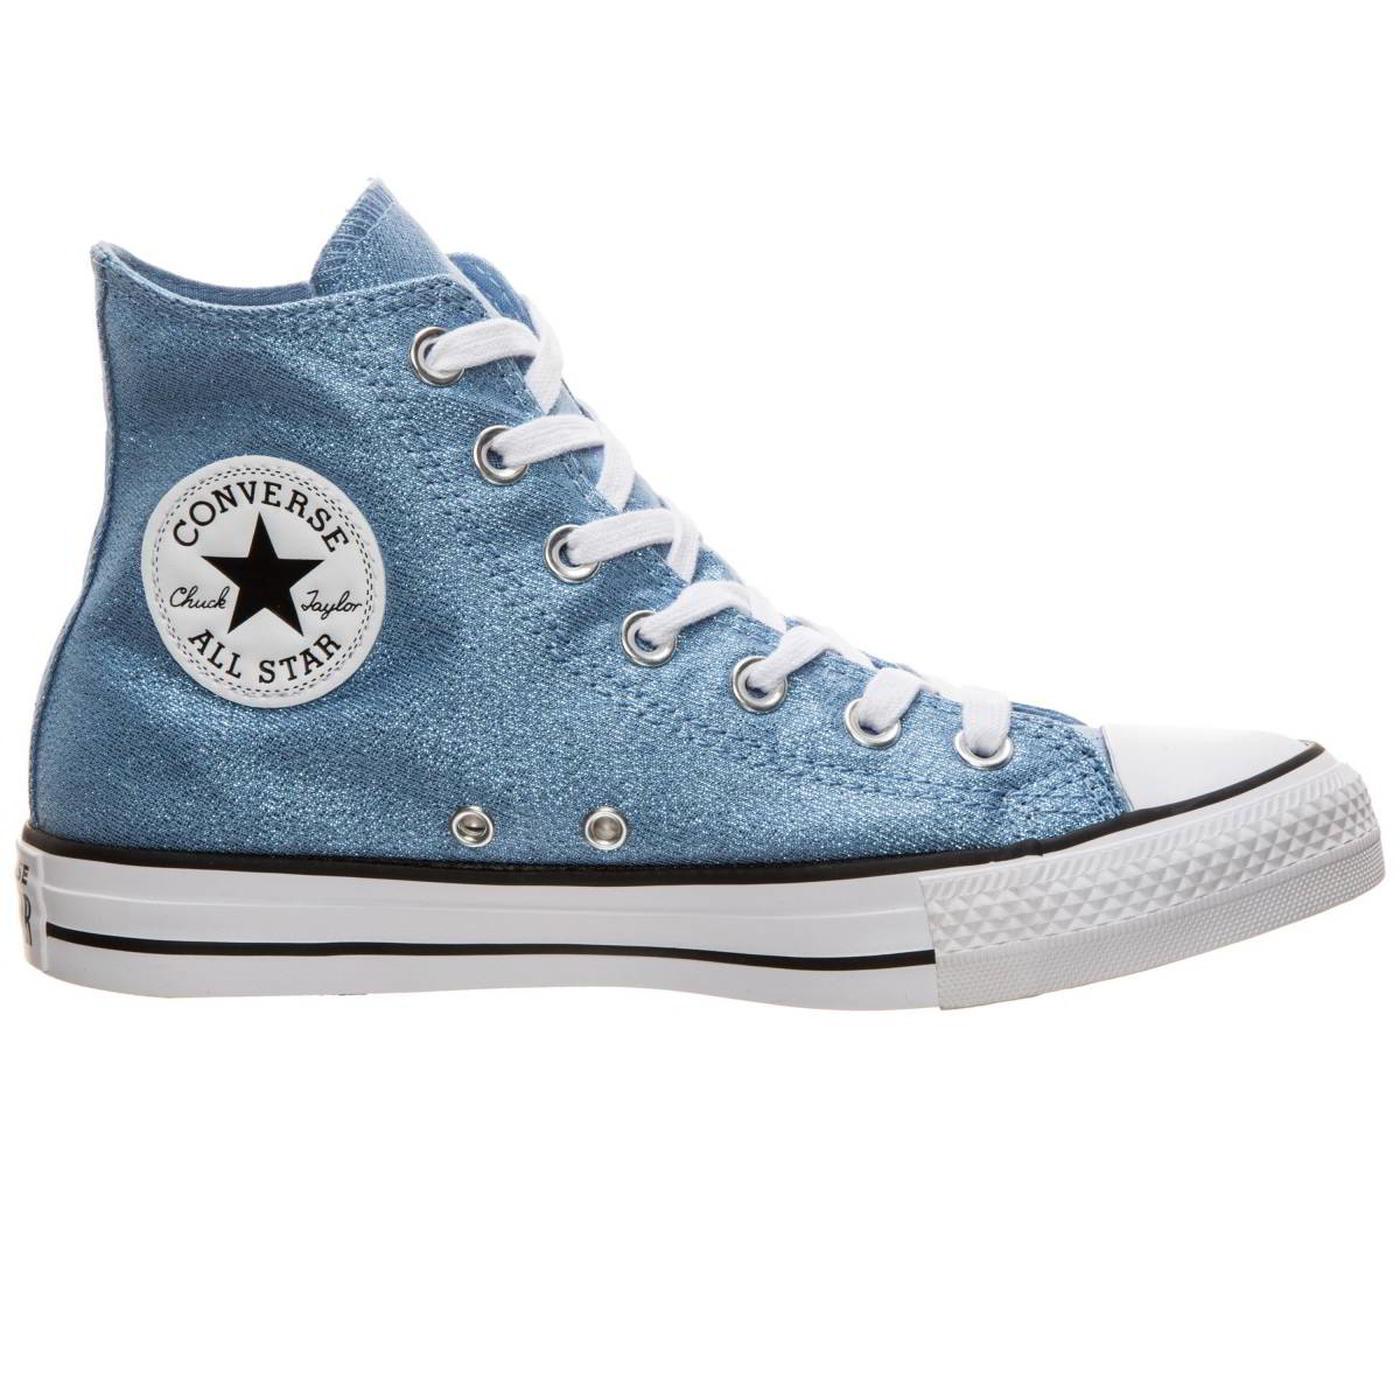 all stars converse femme bleu